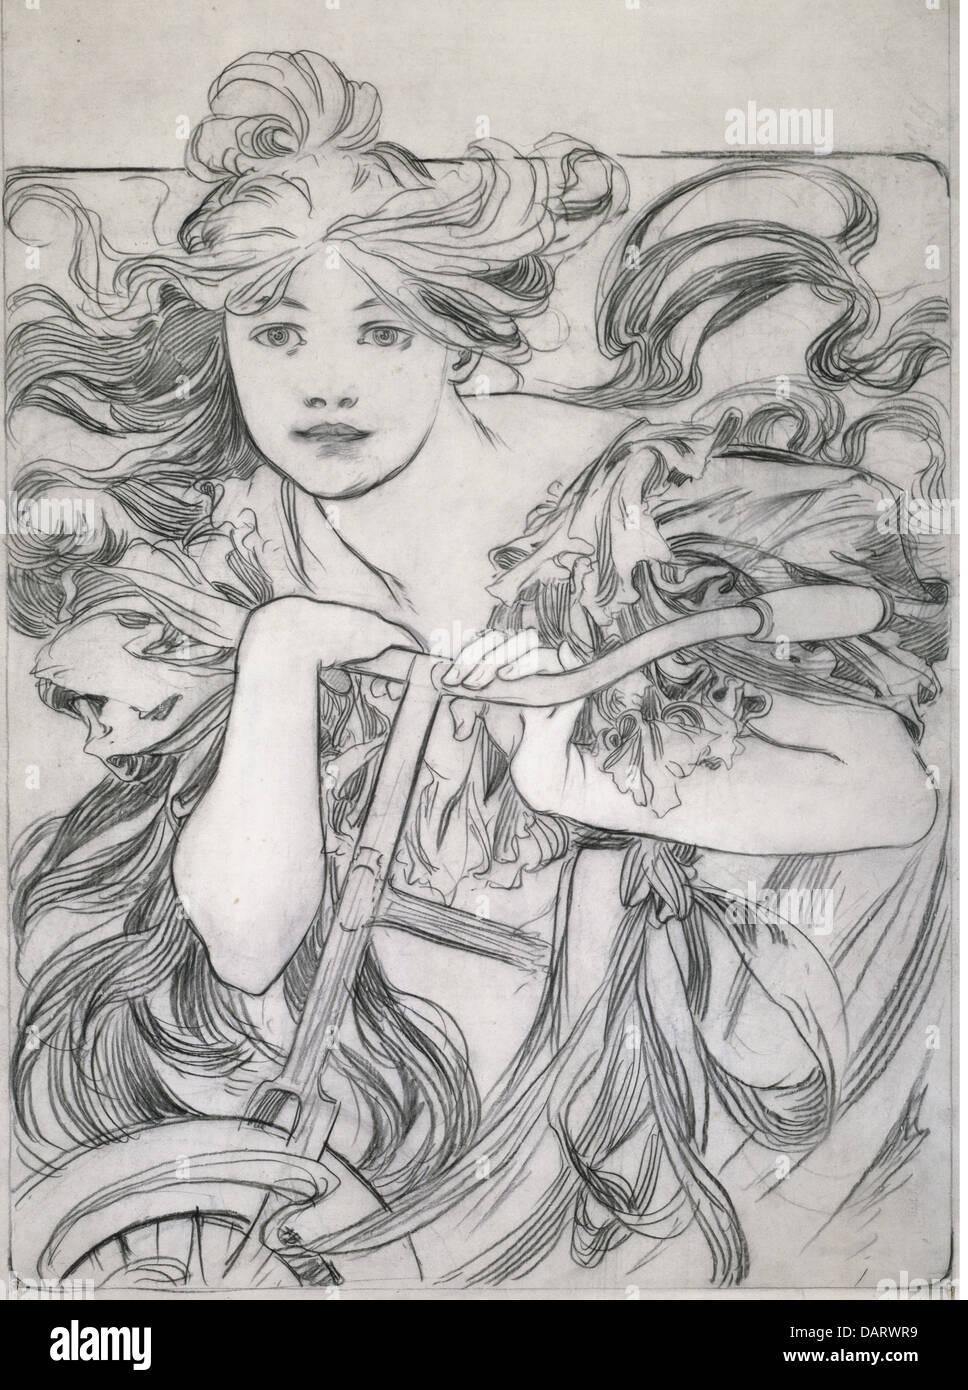 """Bildende Kunst, Mucha, Alfons (1860-1939), Grafik, """"Radfahrer"""", Skizze, Zeichnung, 1902, Privatsammlung, Stockbild"""